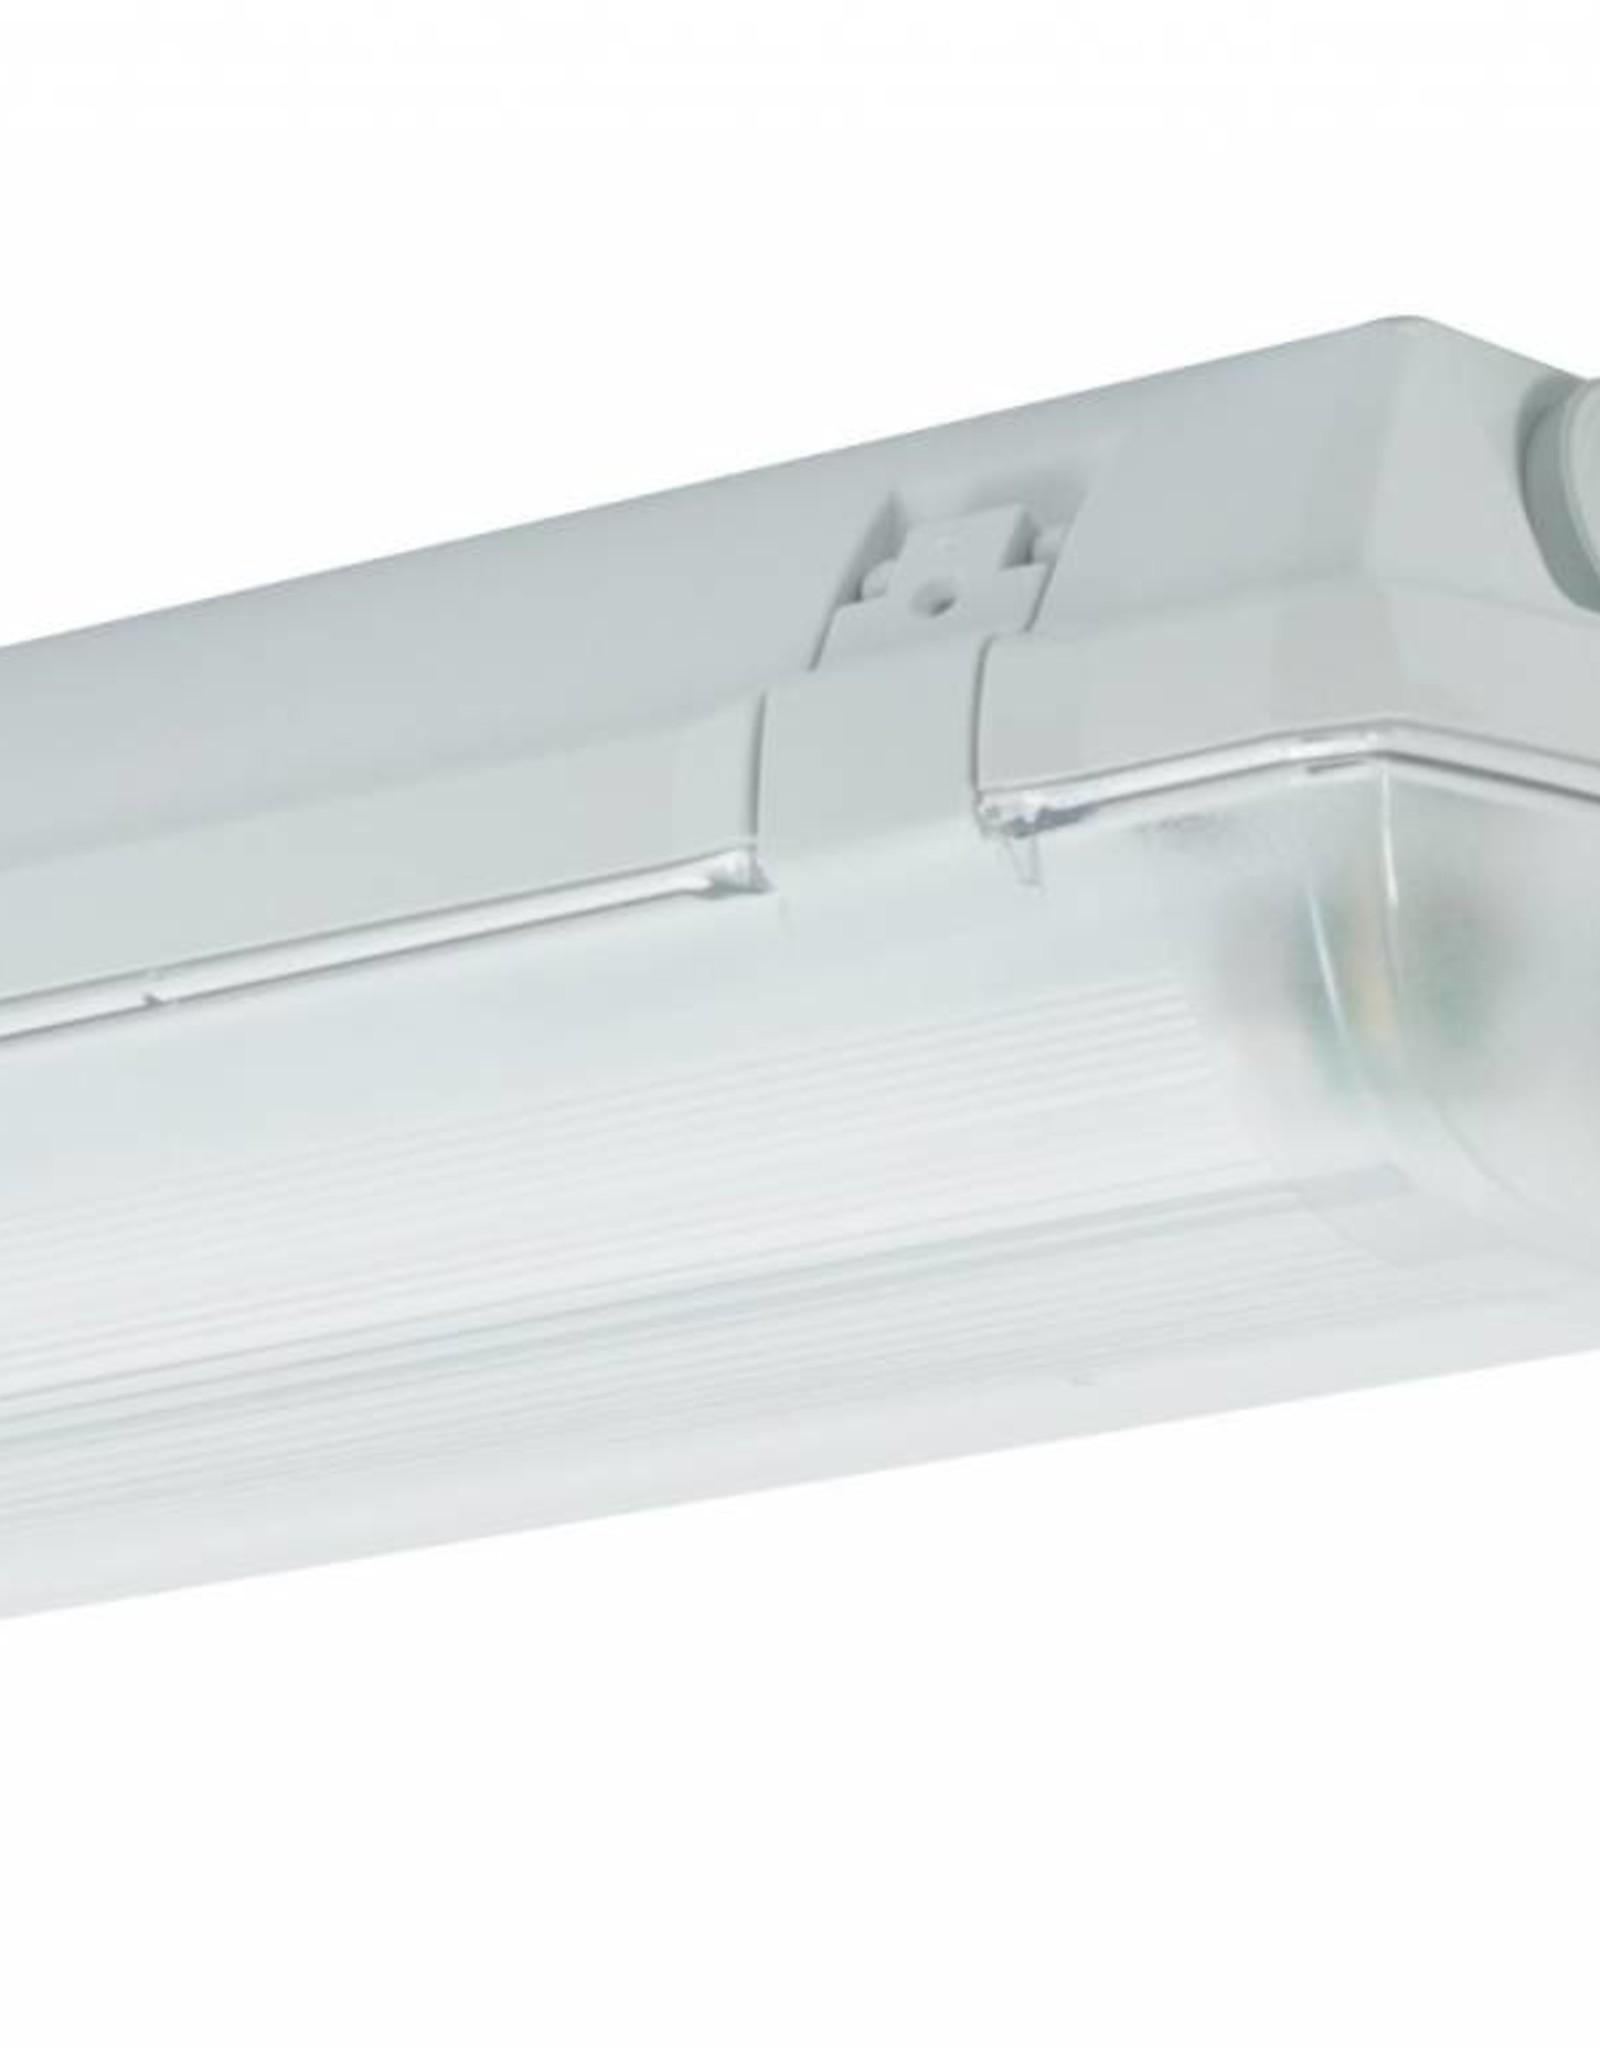 Prima 2x58W - ABS - inox clips - HF dimbare ballast